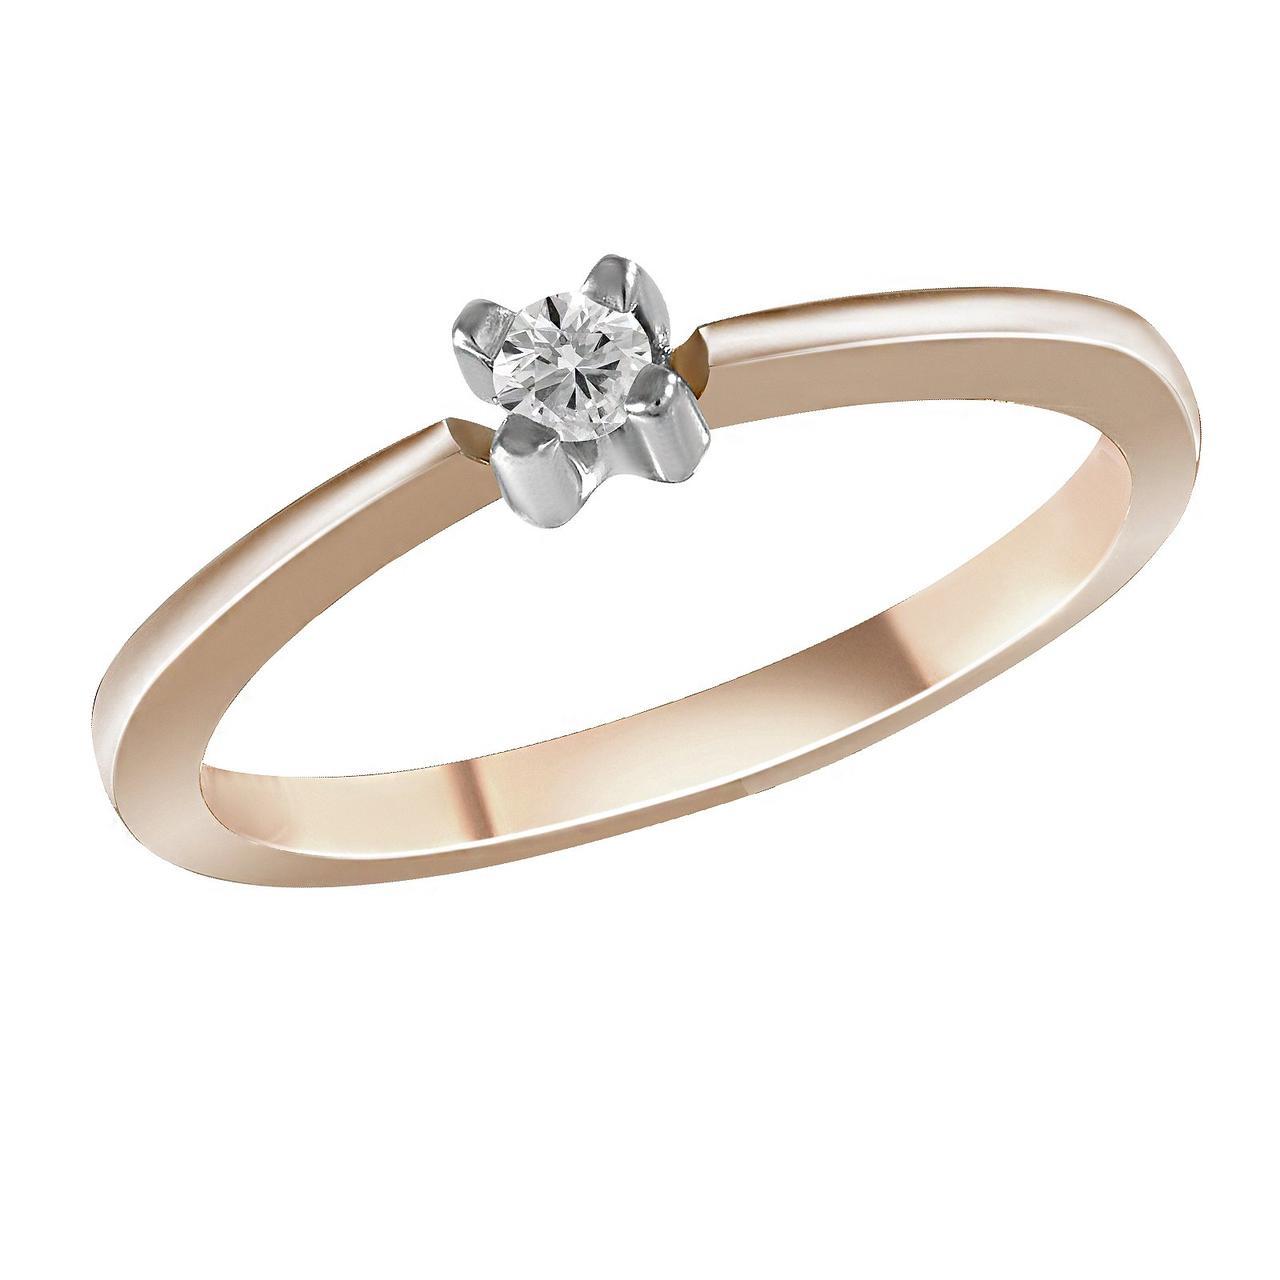 Золотое кольцо с бриллиантом, размер 17 (1606714)